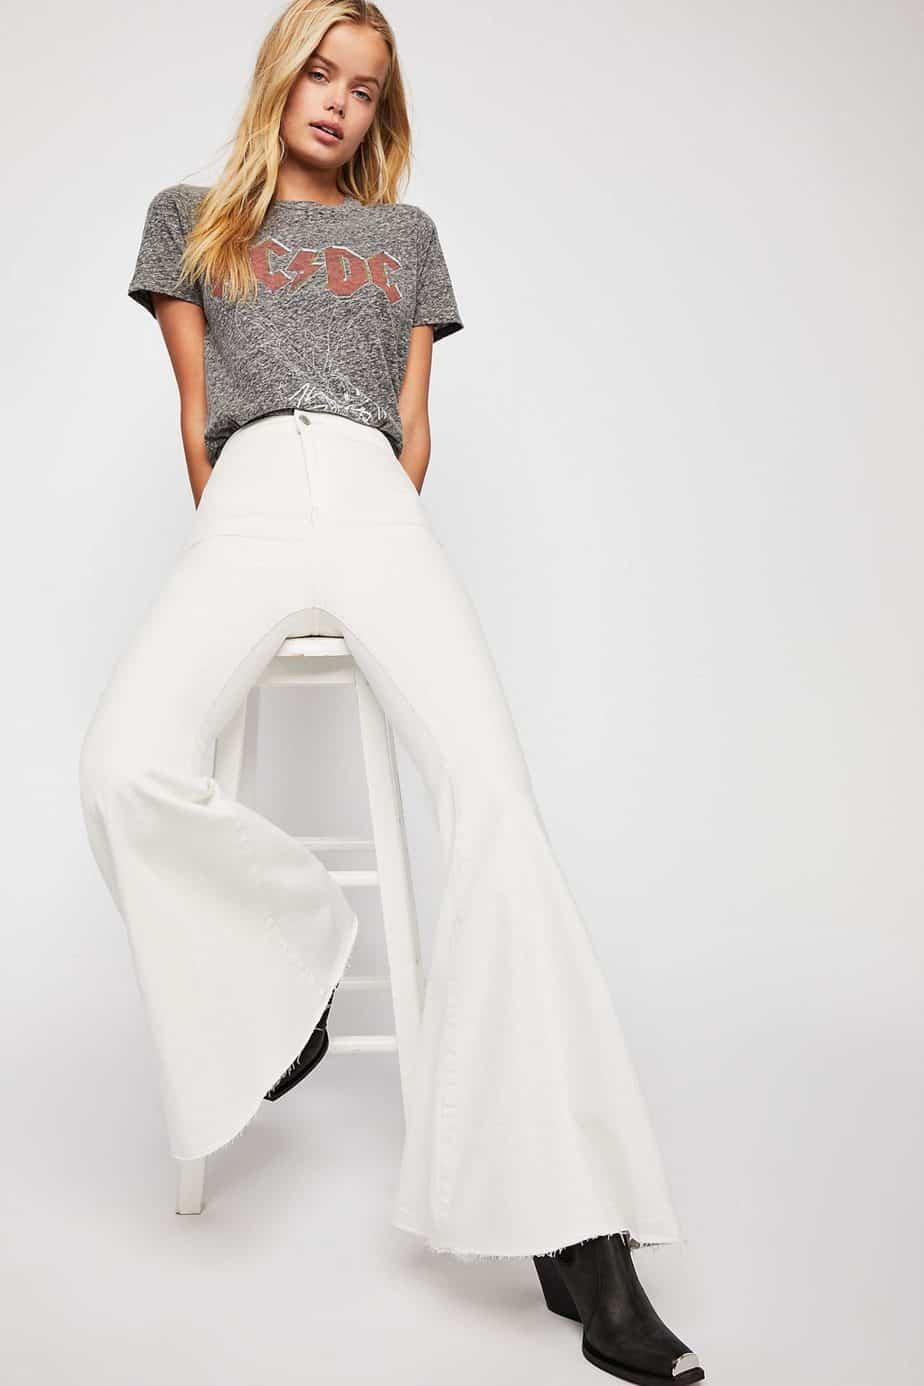 Free People. מחיר ג'ינס 379.90שח צילום יחצ חול